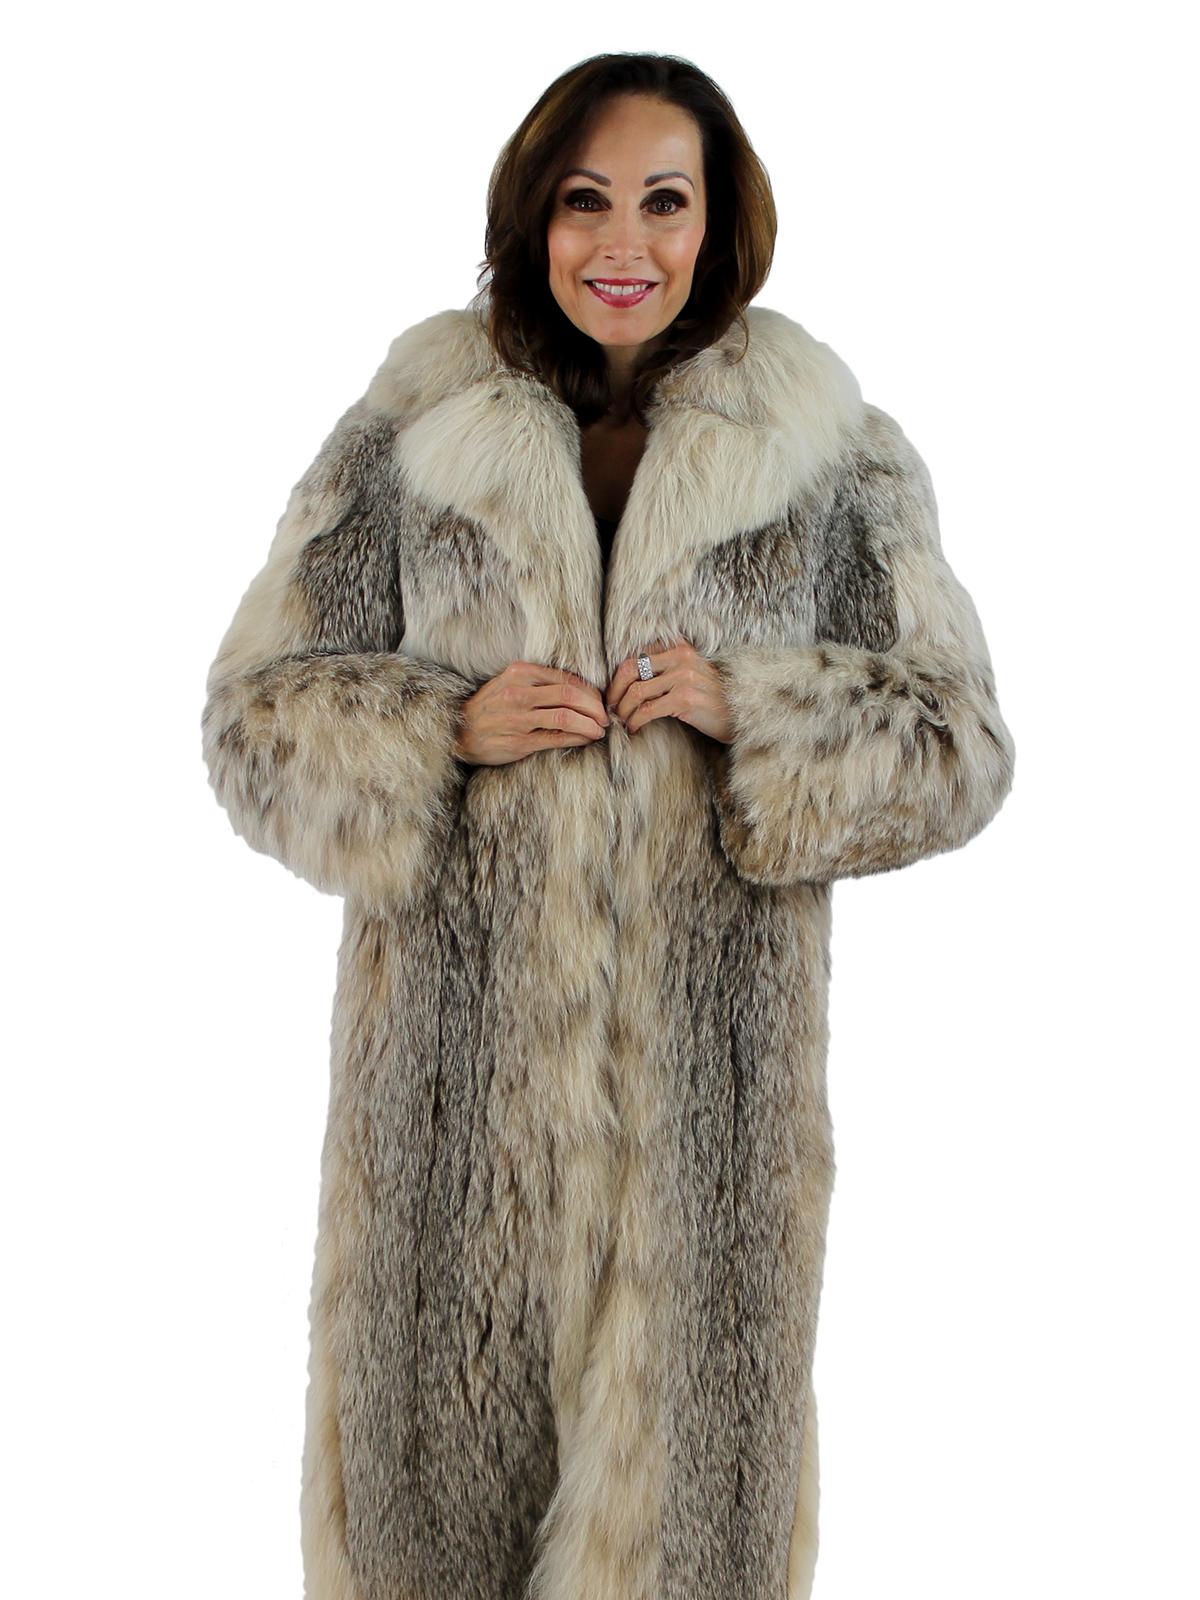 Mink Coat Value >> Natural Lynx Fur Coat - Women's Medium   Estate Furs